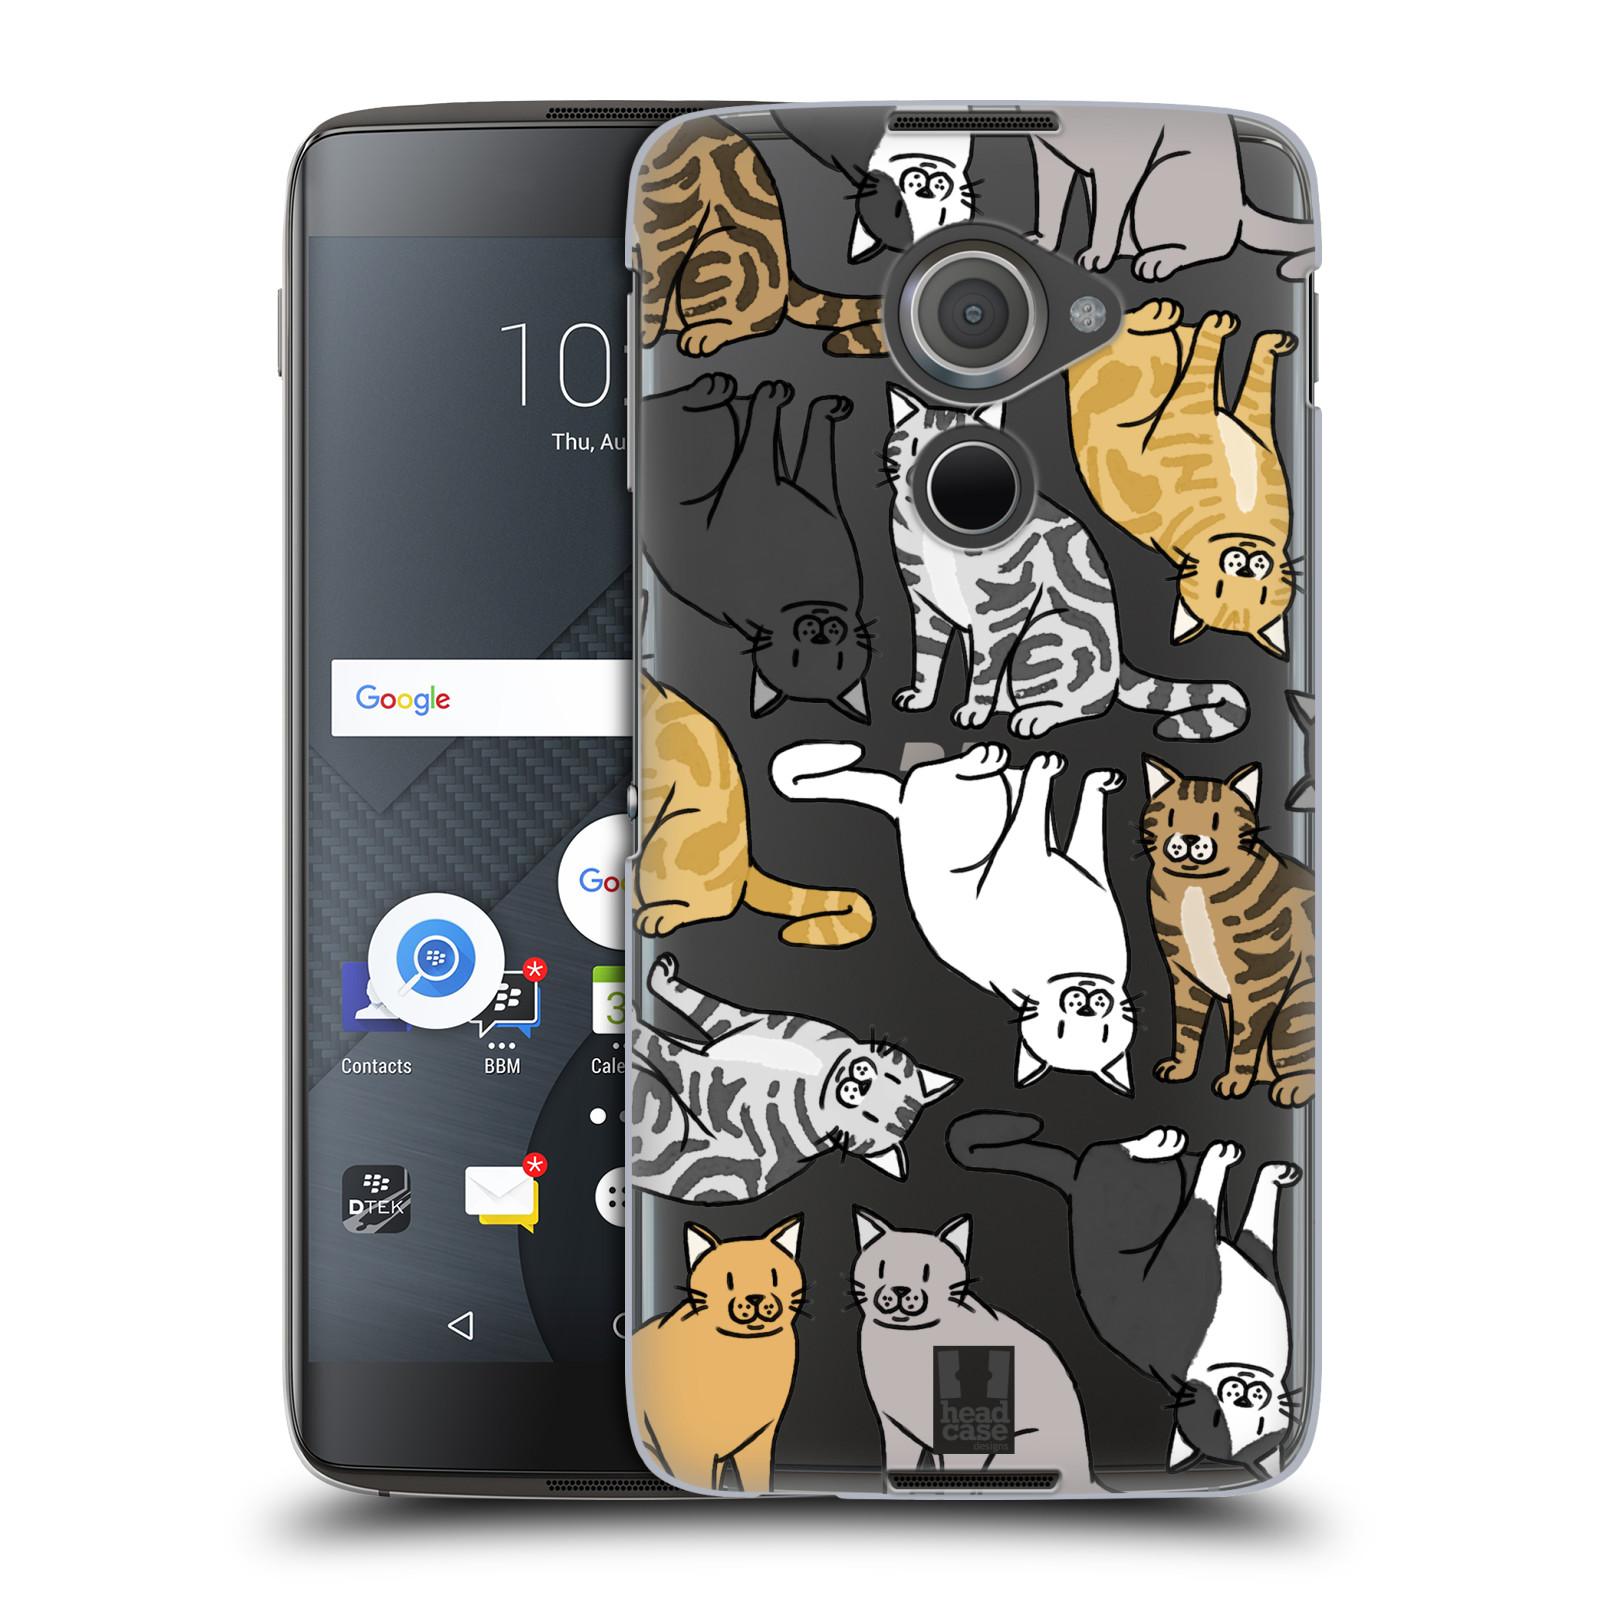 Plastové pouzdro na mobil Blackberry DTEK60 (Argon) - Head Case - Americká krátkosrstá kočička (Plastový kryt či obal na mobilní telefon s motivem kočiček pro Blackberry DTEK60 (Argon))